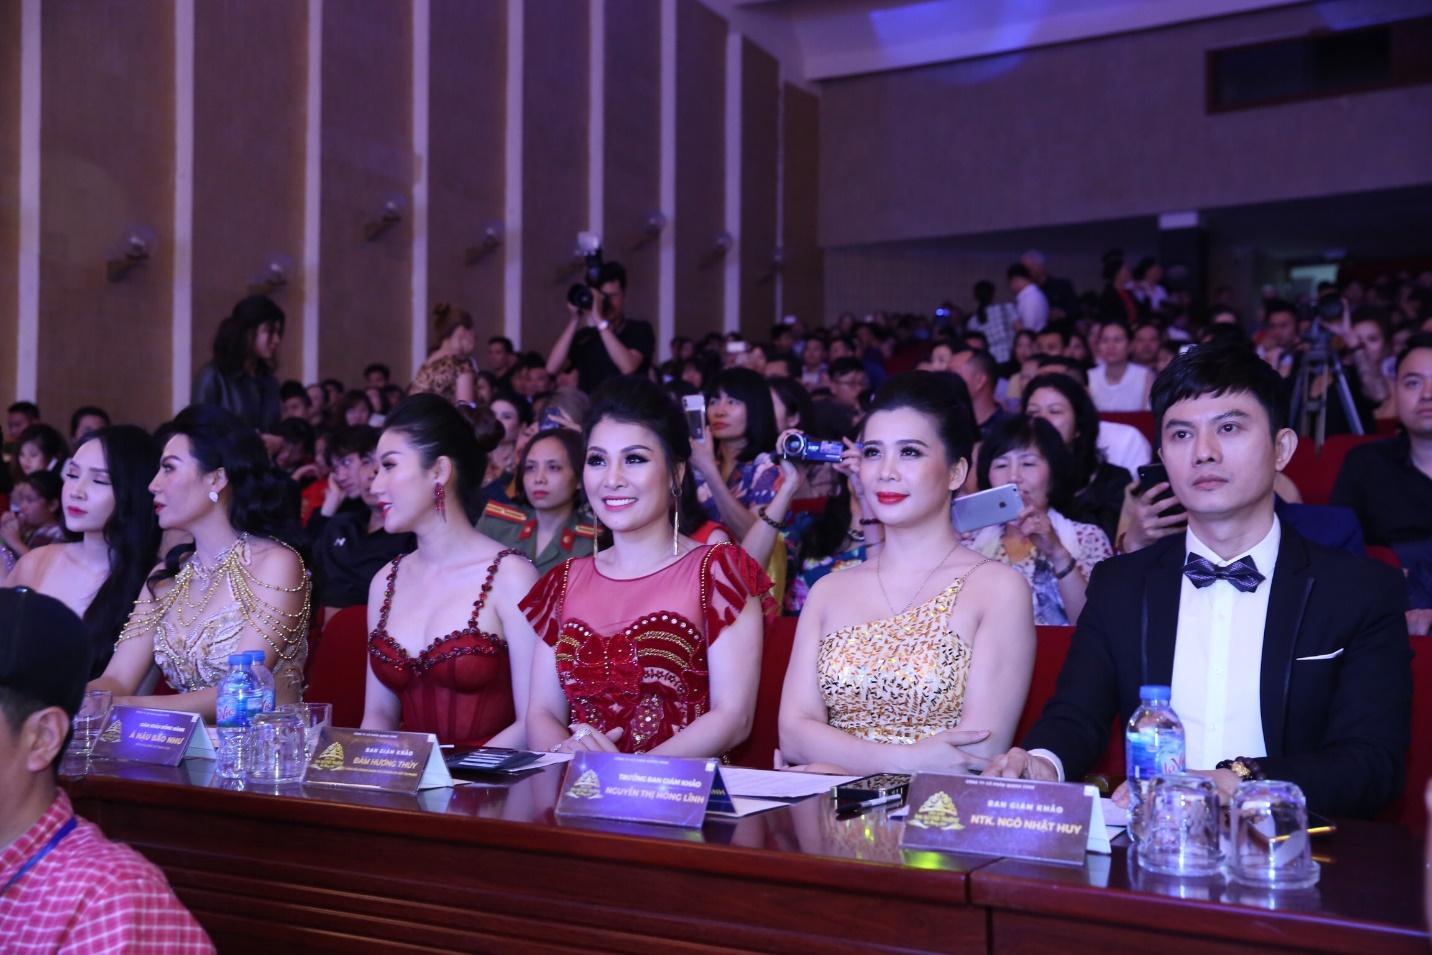 Hoa hậu doanh nhân Đàm Hương Thủy nổi bật khi ngồi ghế giám khảo Hoa khôi Đại sứ môi trường Hải Phòng năm 2019  - Ảnh 2